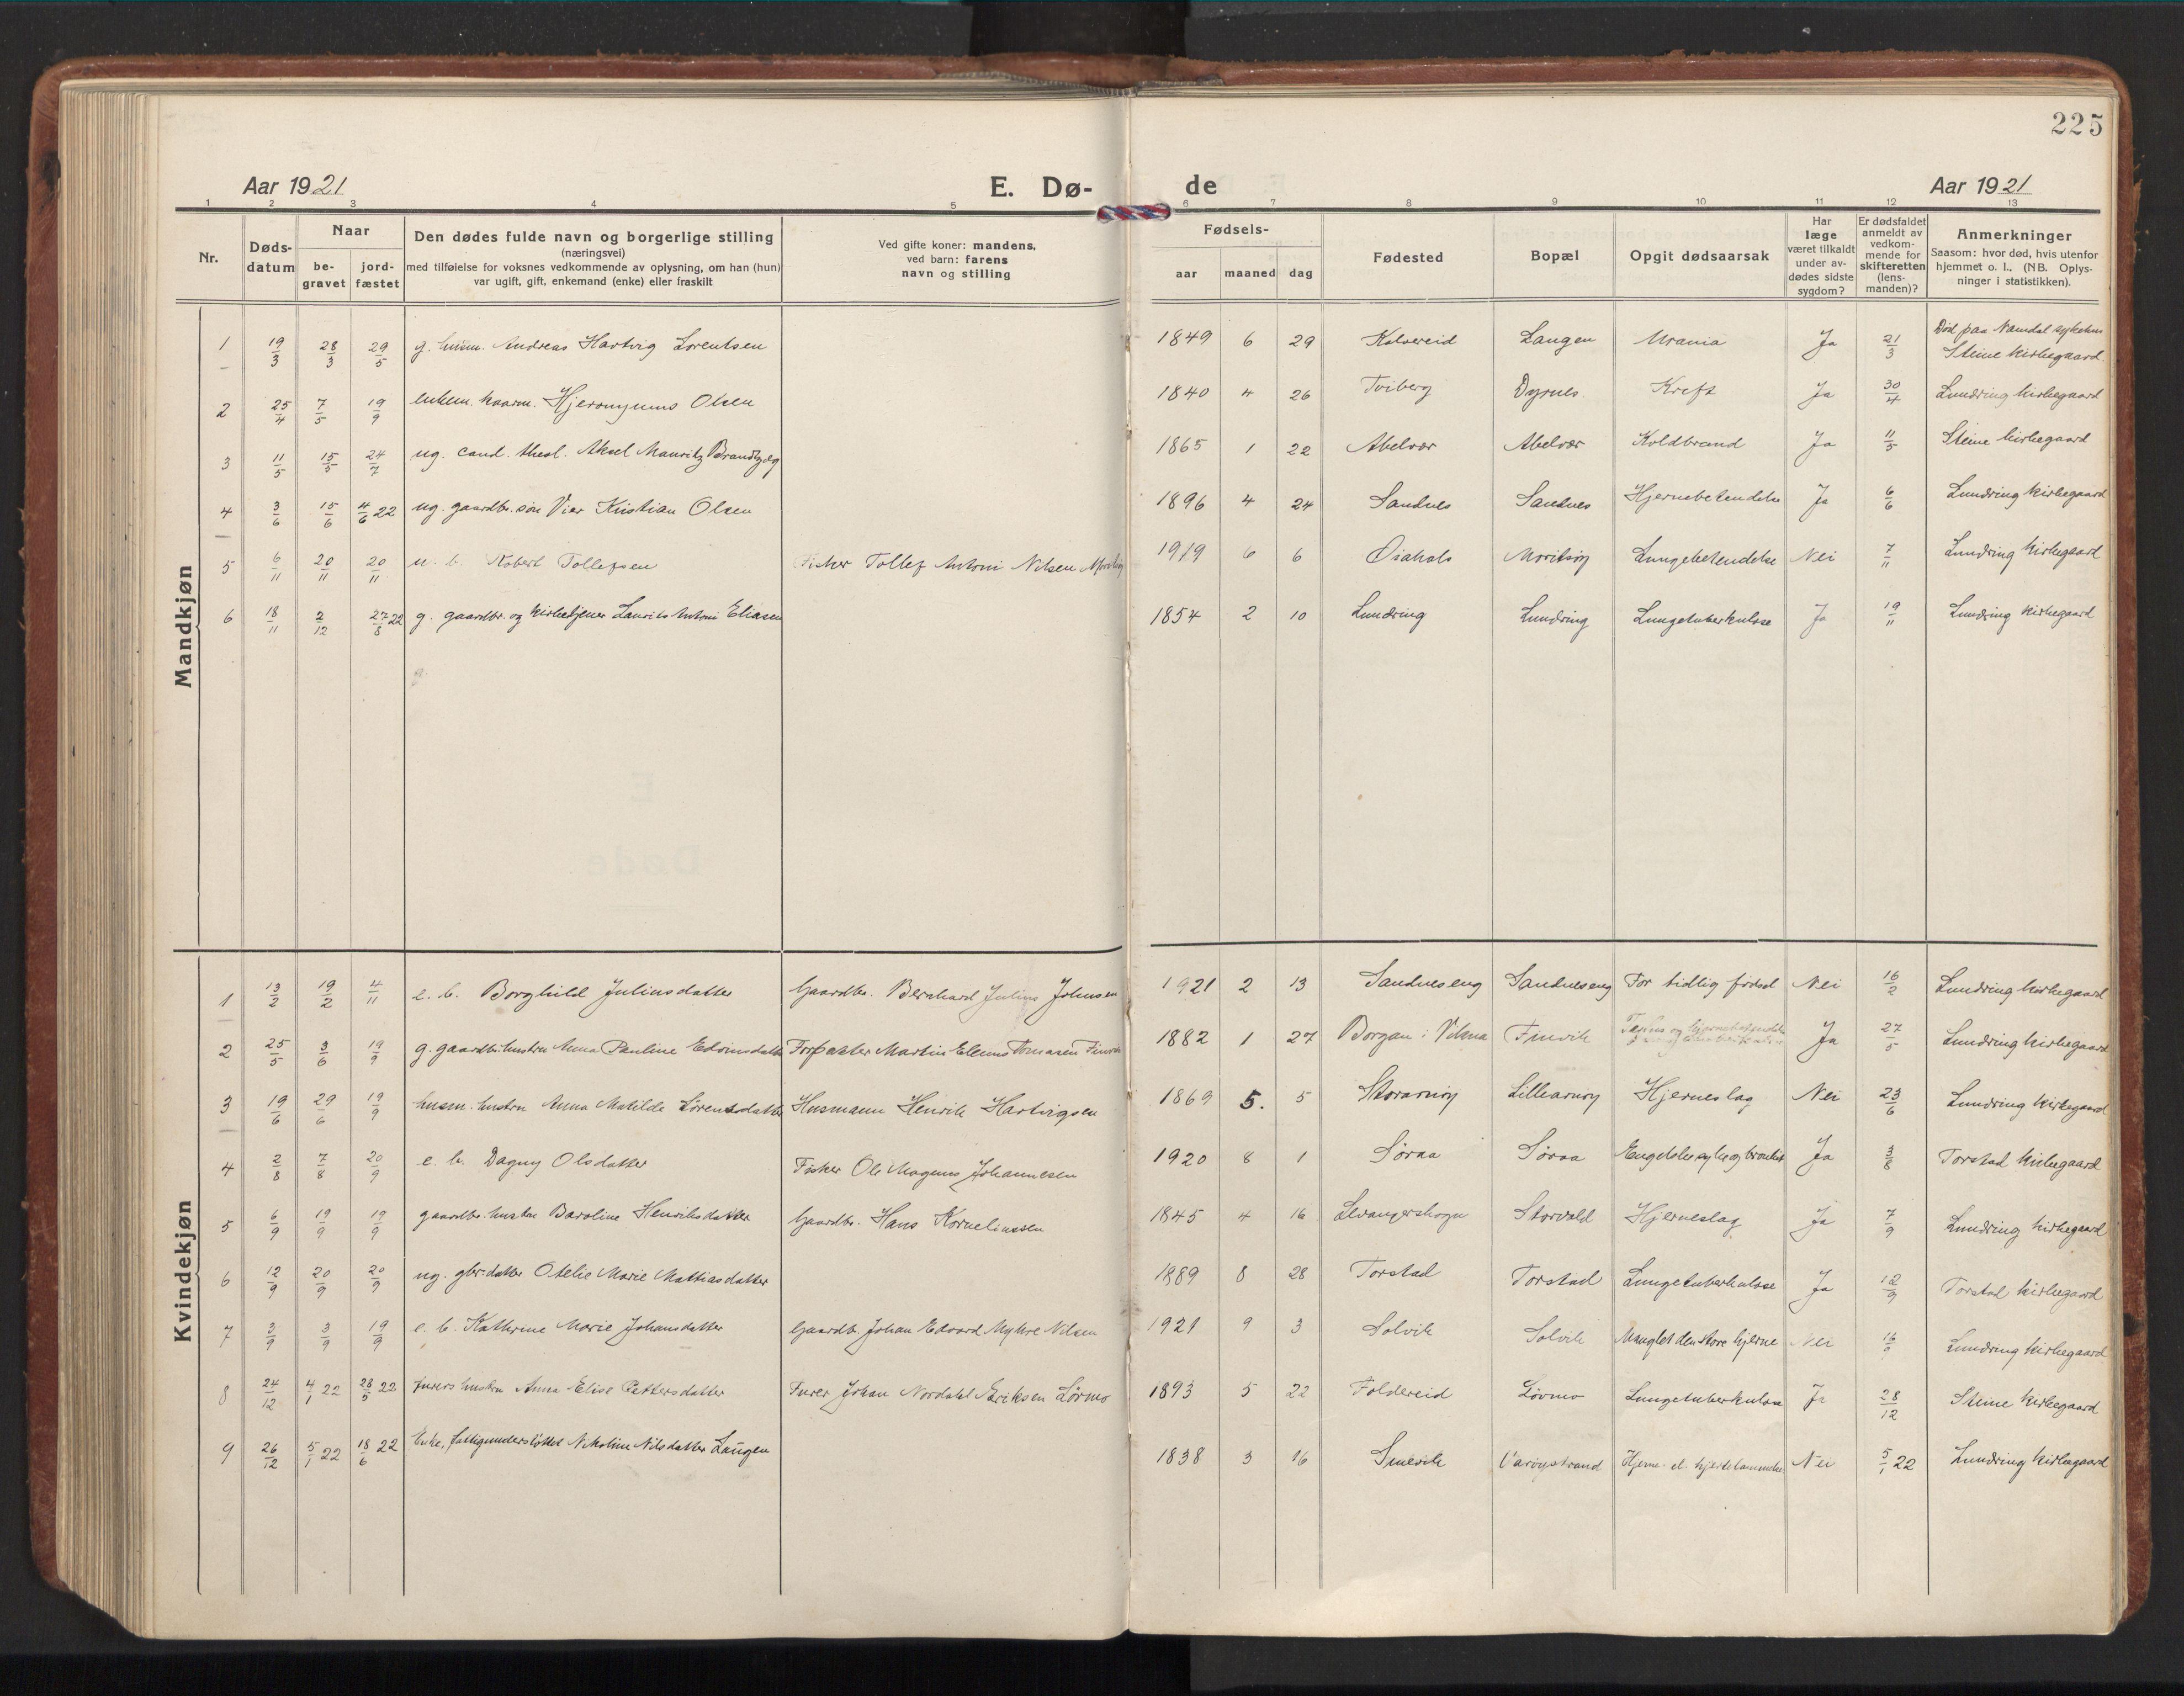 SAT, Ministerialprotokoller, klokkerbøker og fødselsregistre - Nord-Trøndelag, 784/L0678: Ministerialbok nr. 784A13, 1921-1938, s. 225